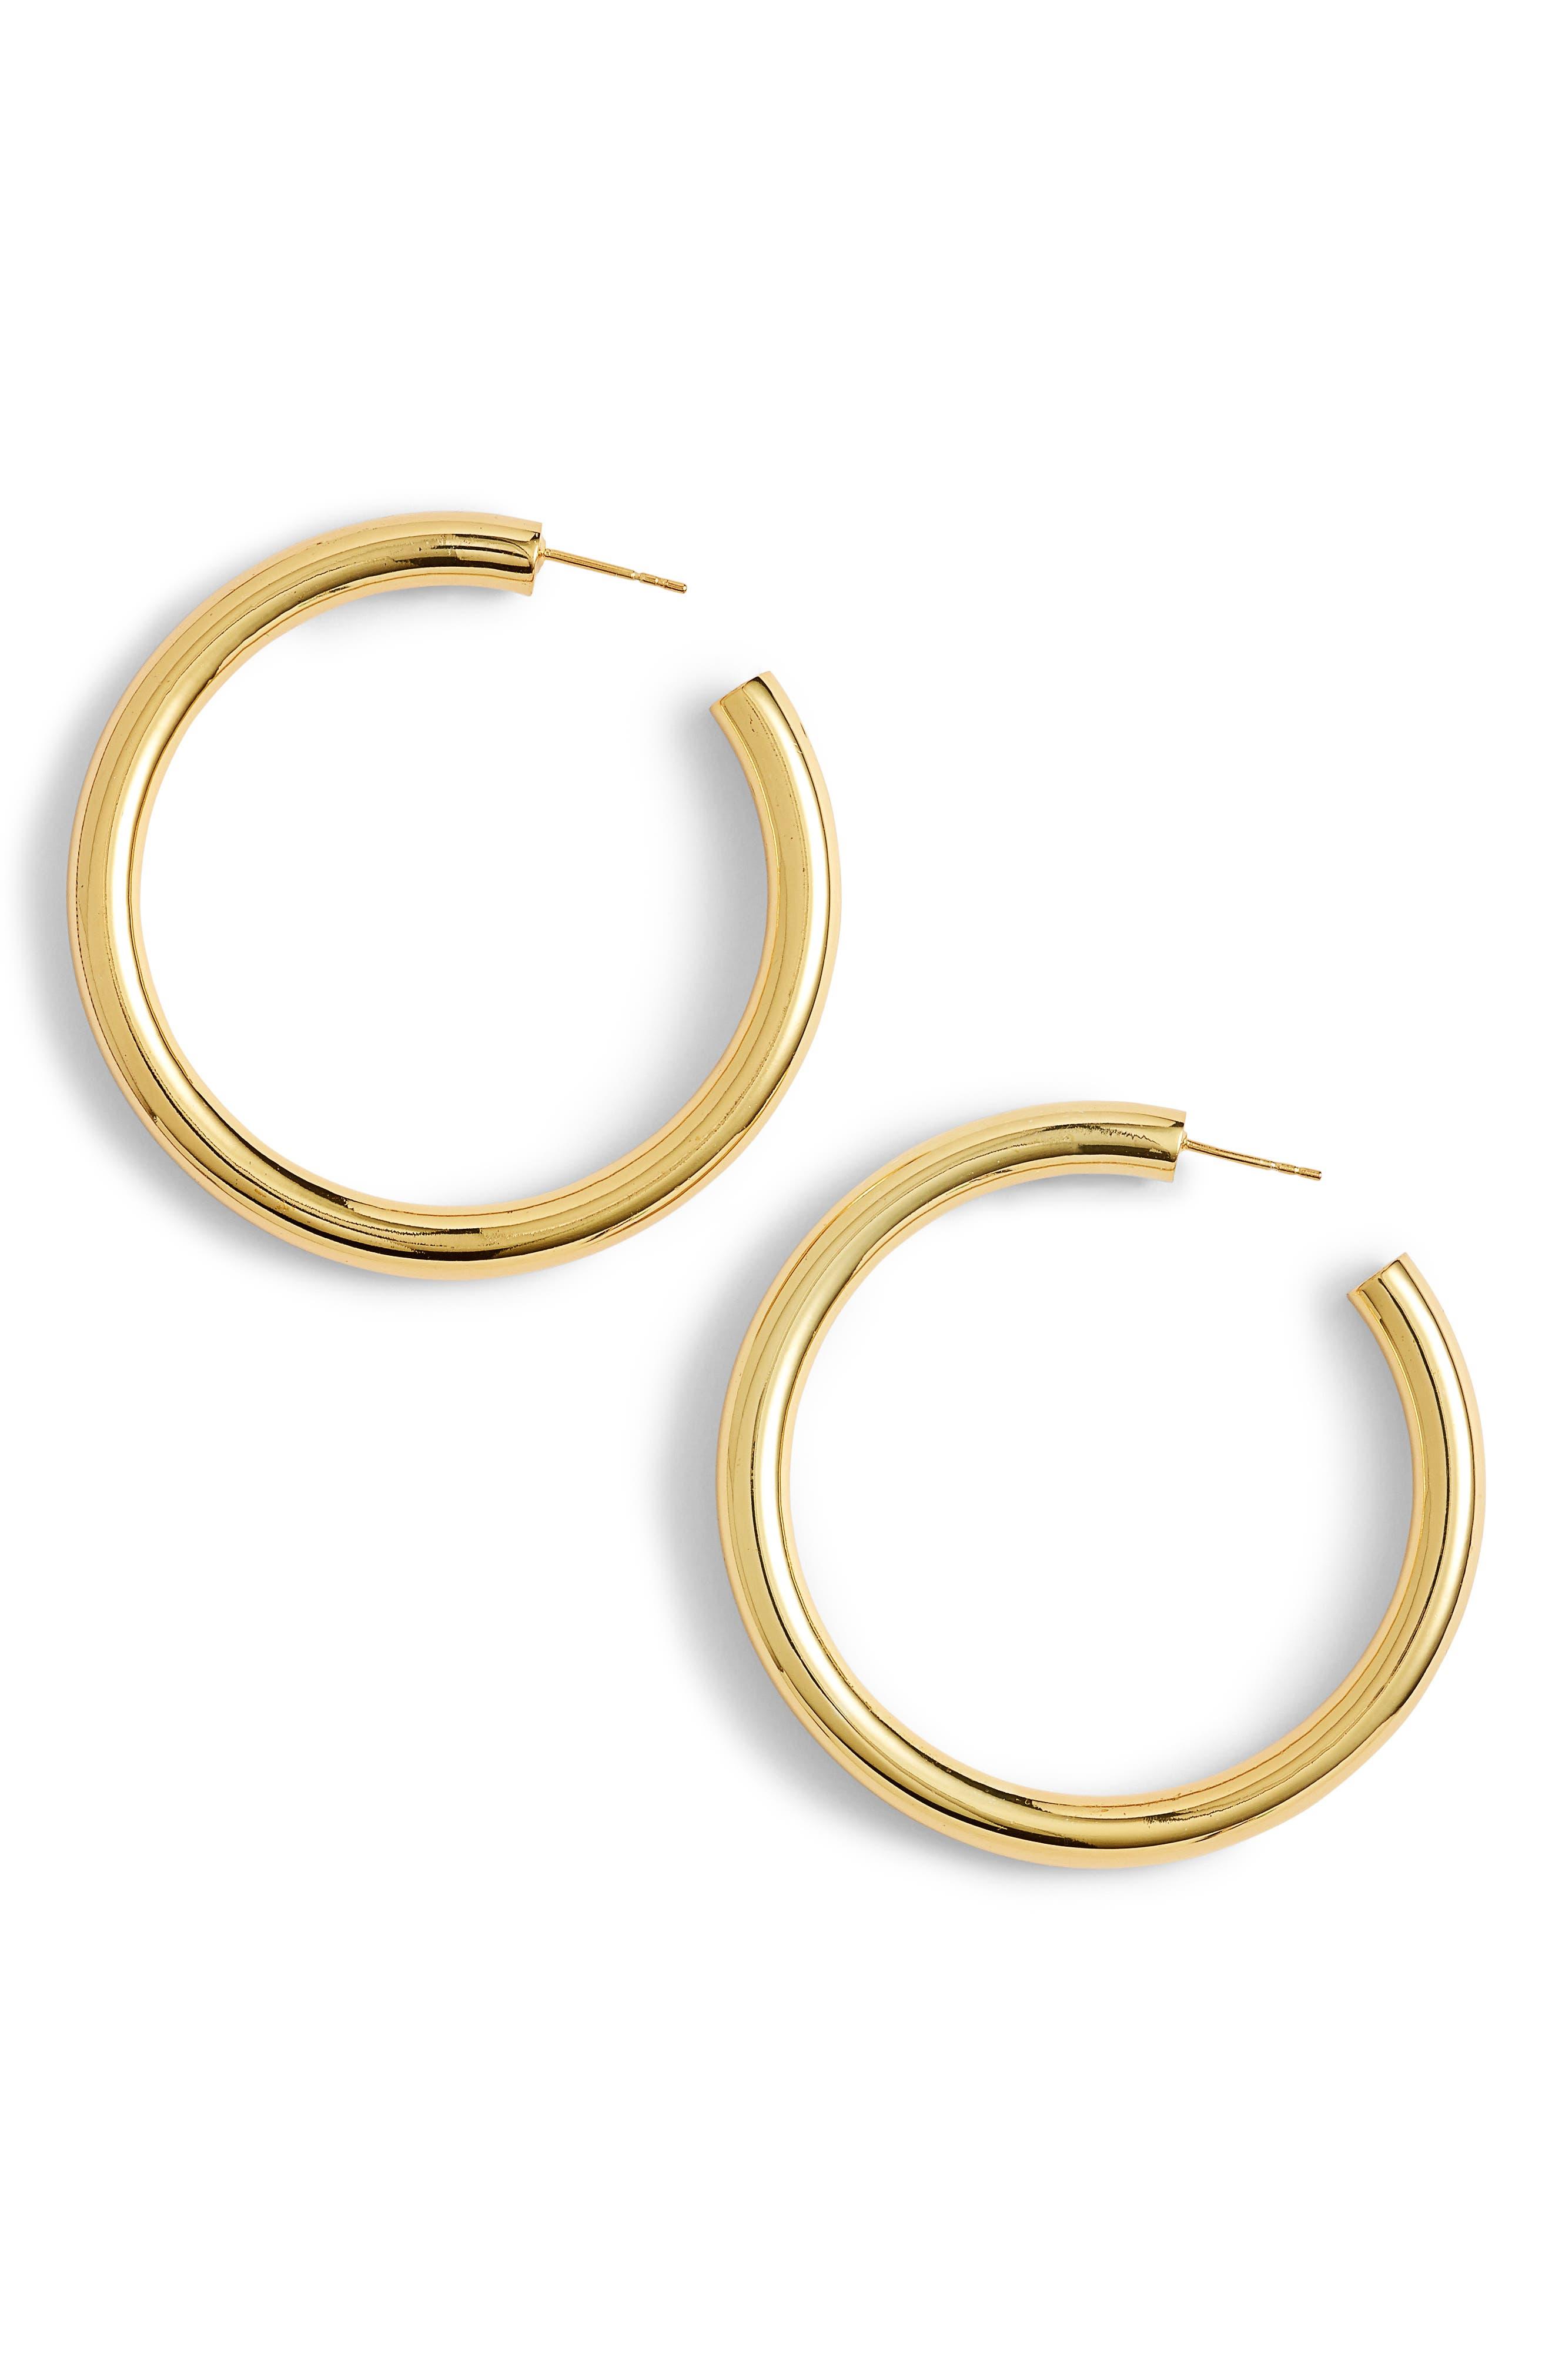 Alternate Image 1 Selected - Argento Vivo Hoop Earrings